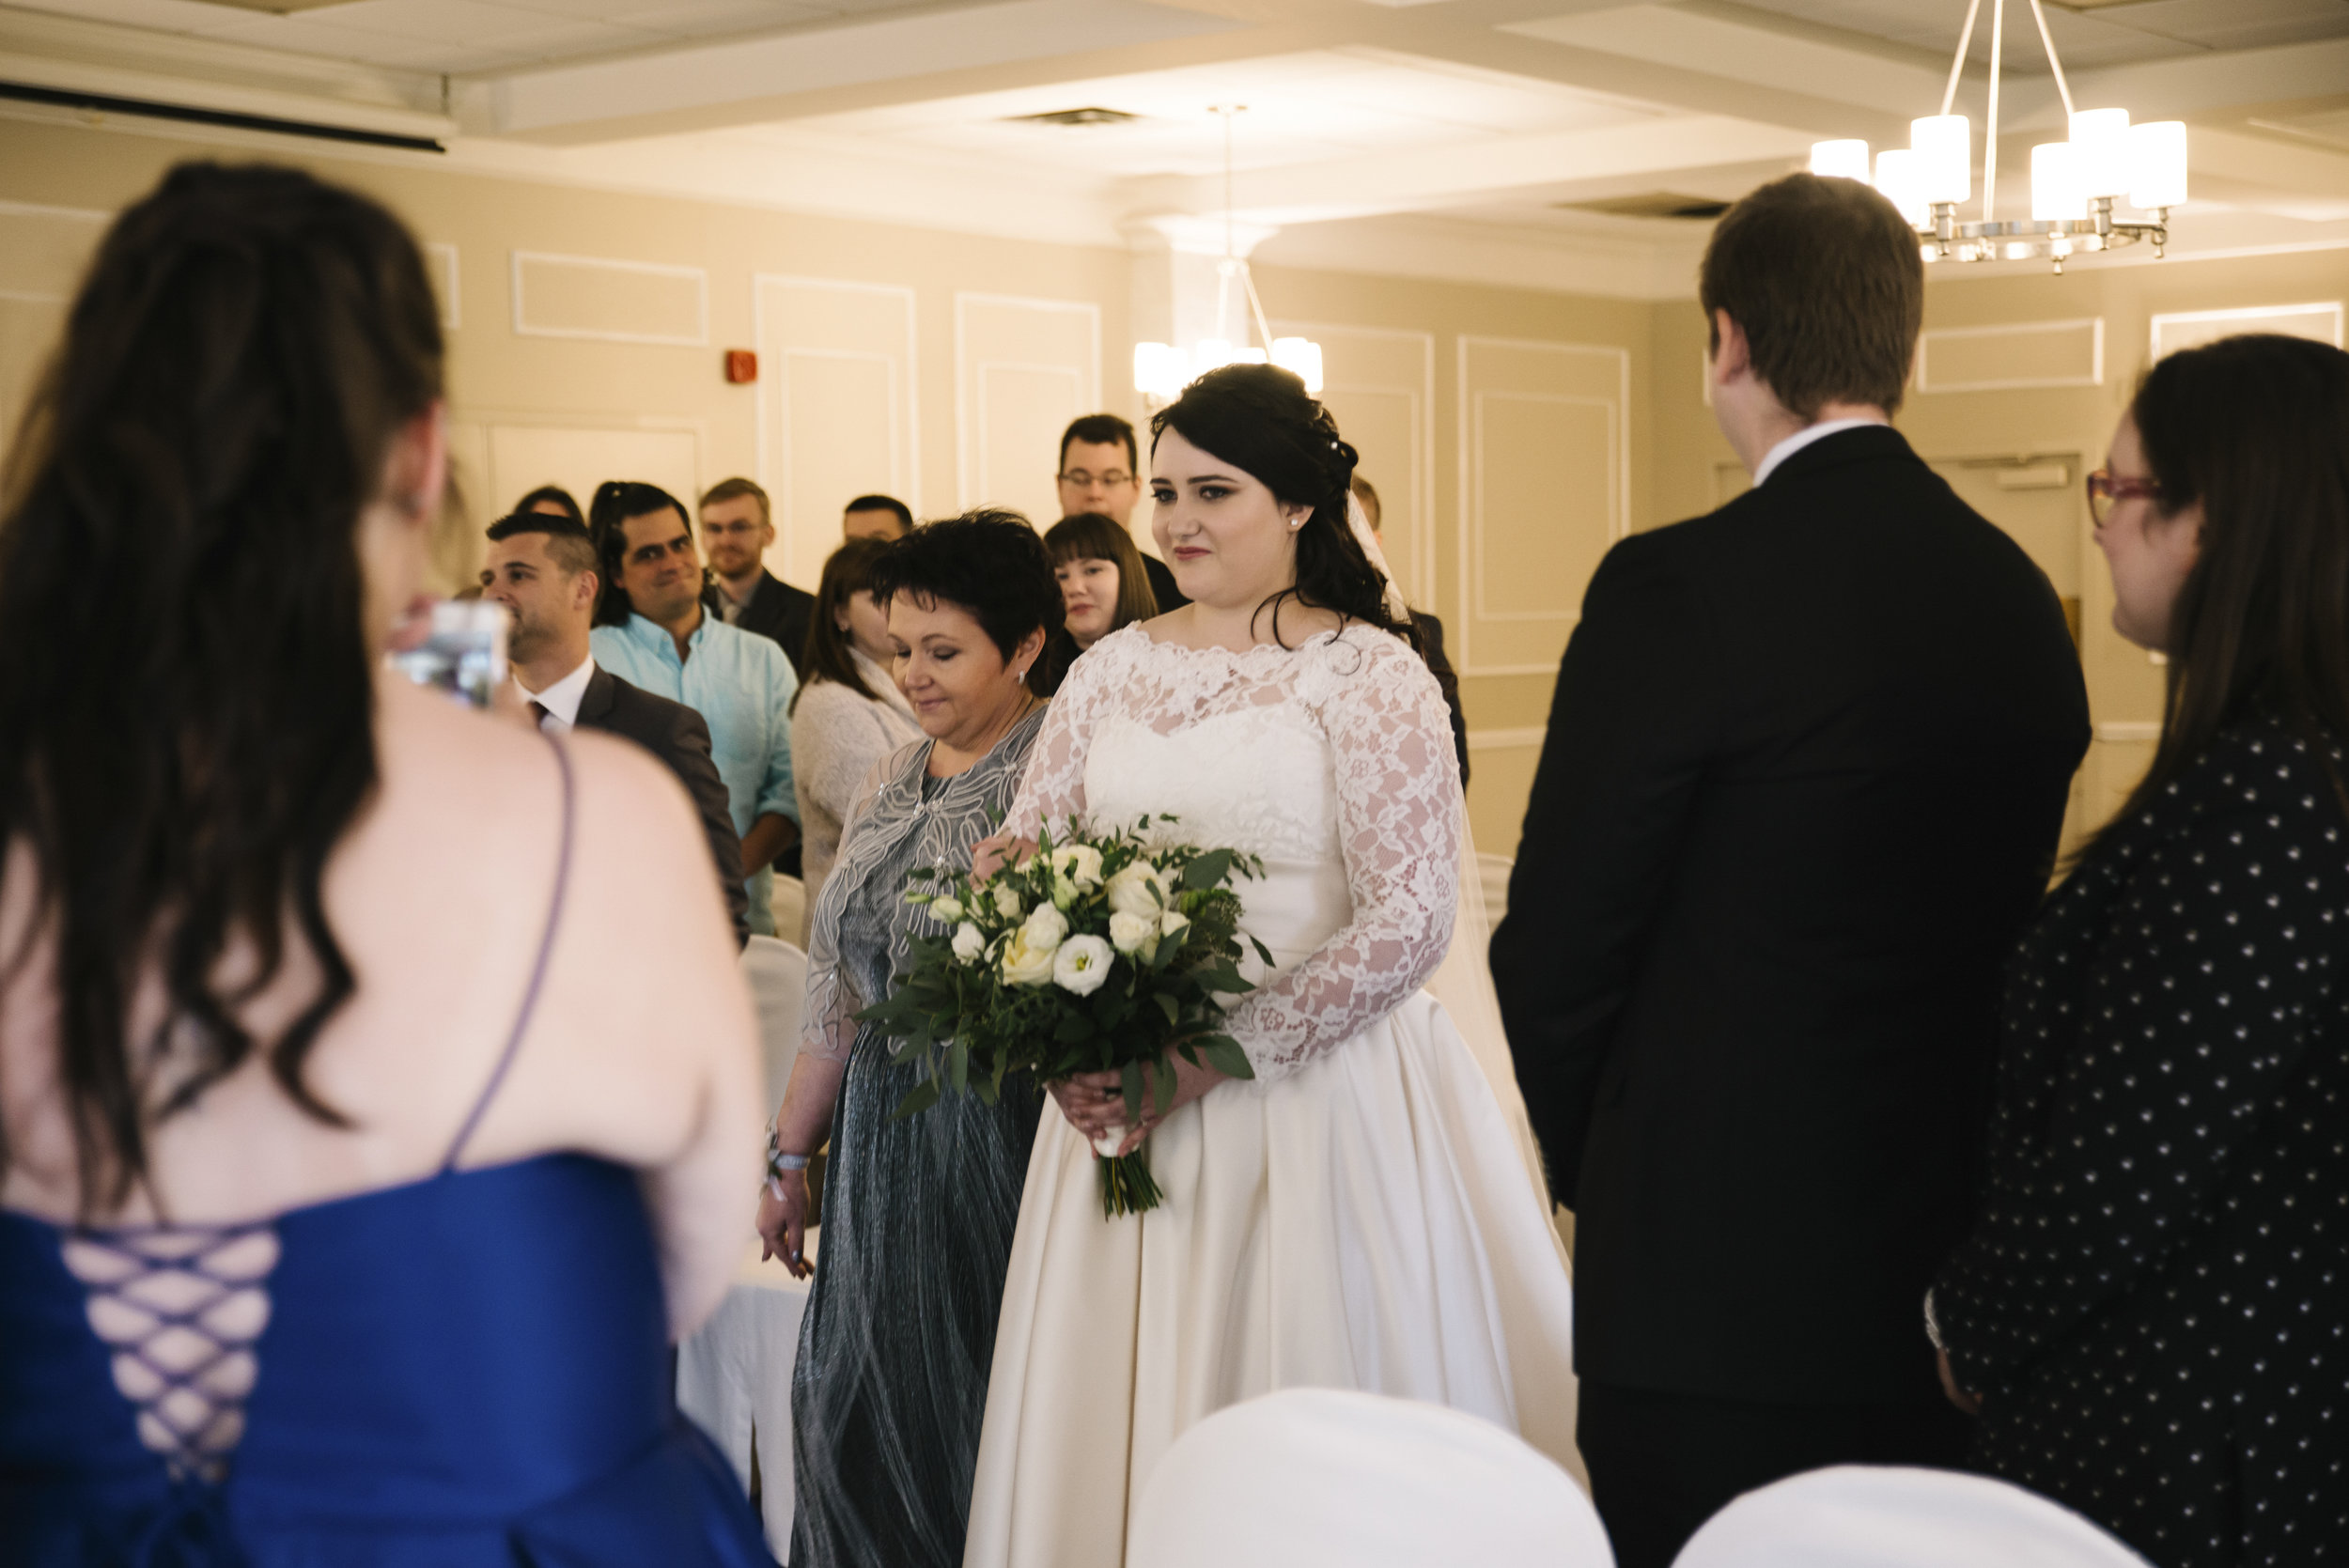 MariaMatt-Wedding-42.JPG